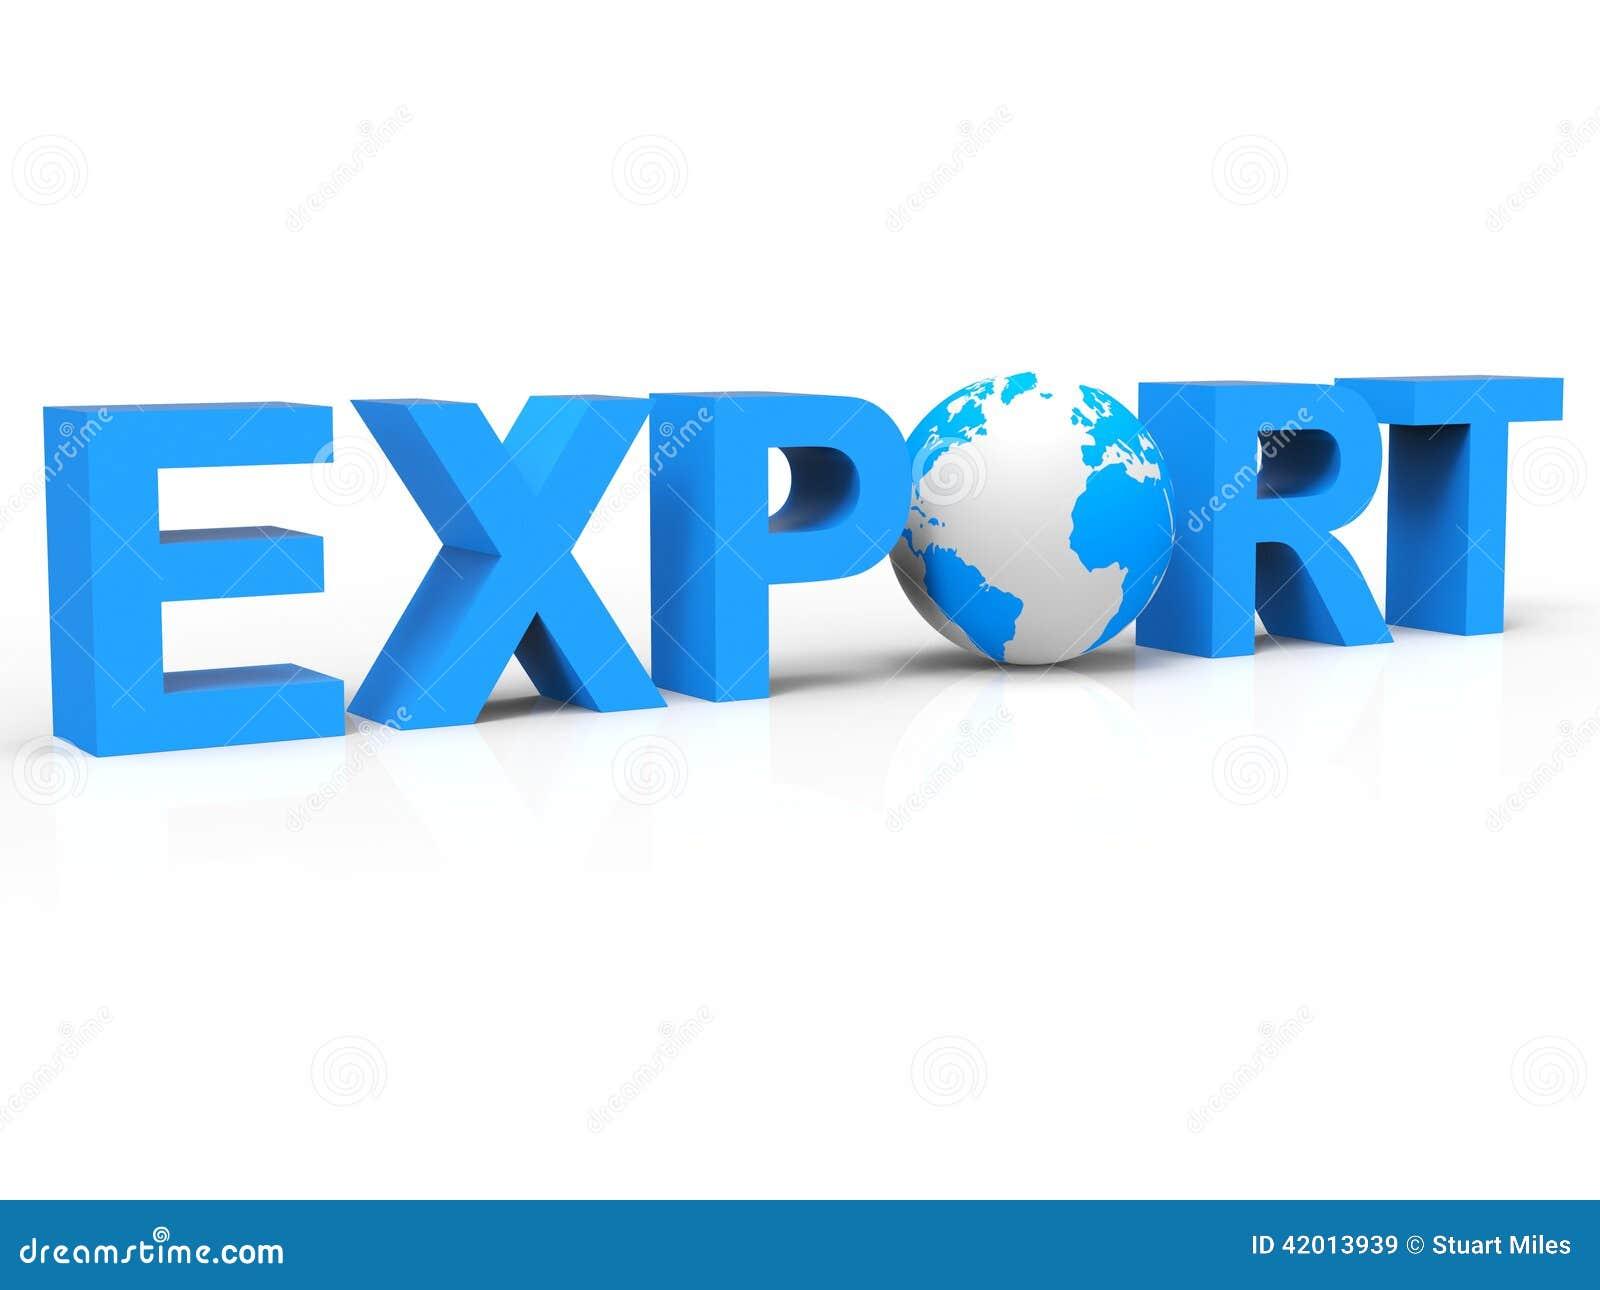 Η εξαγωγή σφαιρών αντιπροσωπεύει πωλεί στο εξωτερικό και εξήγαγε